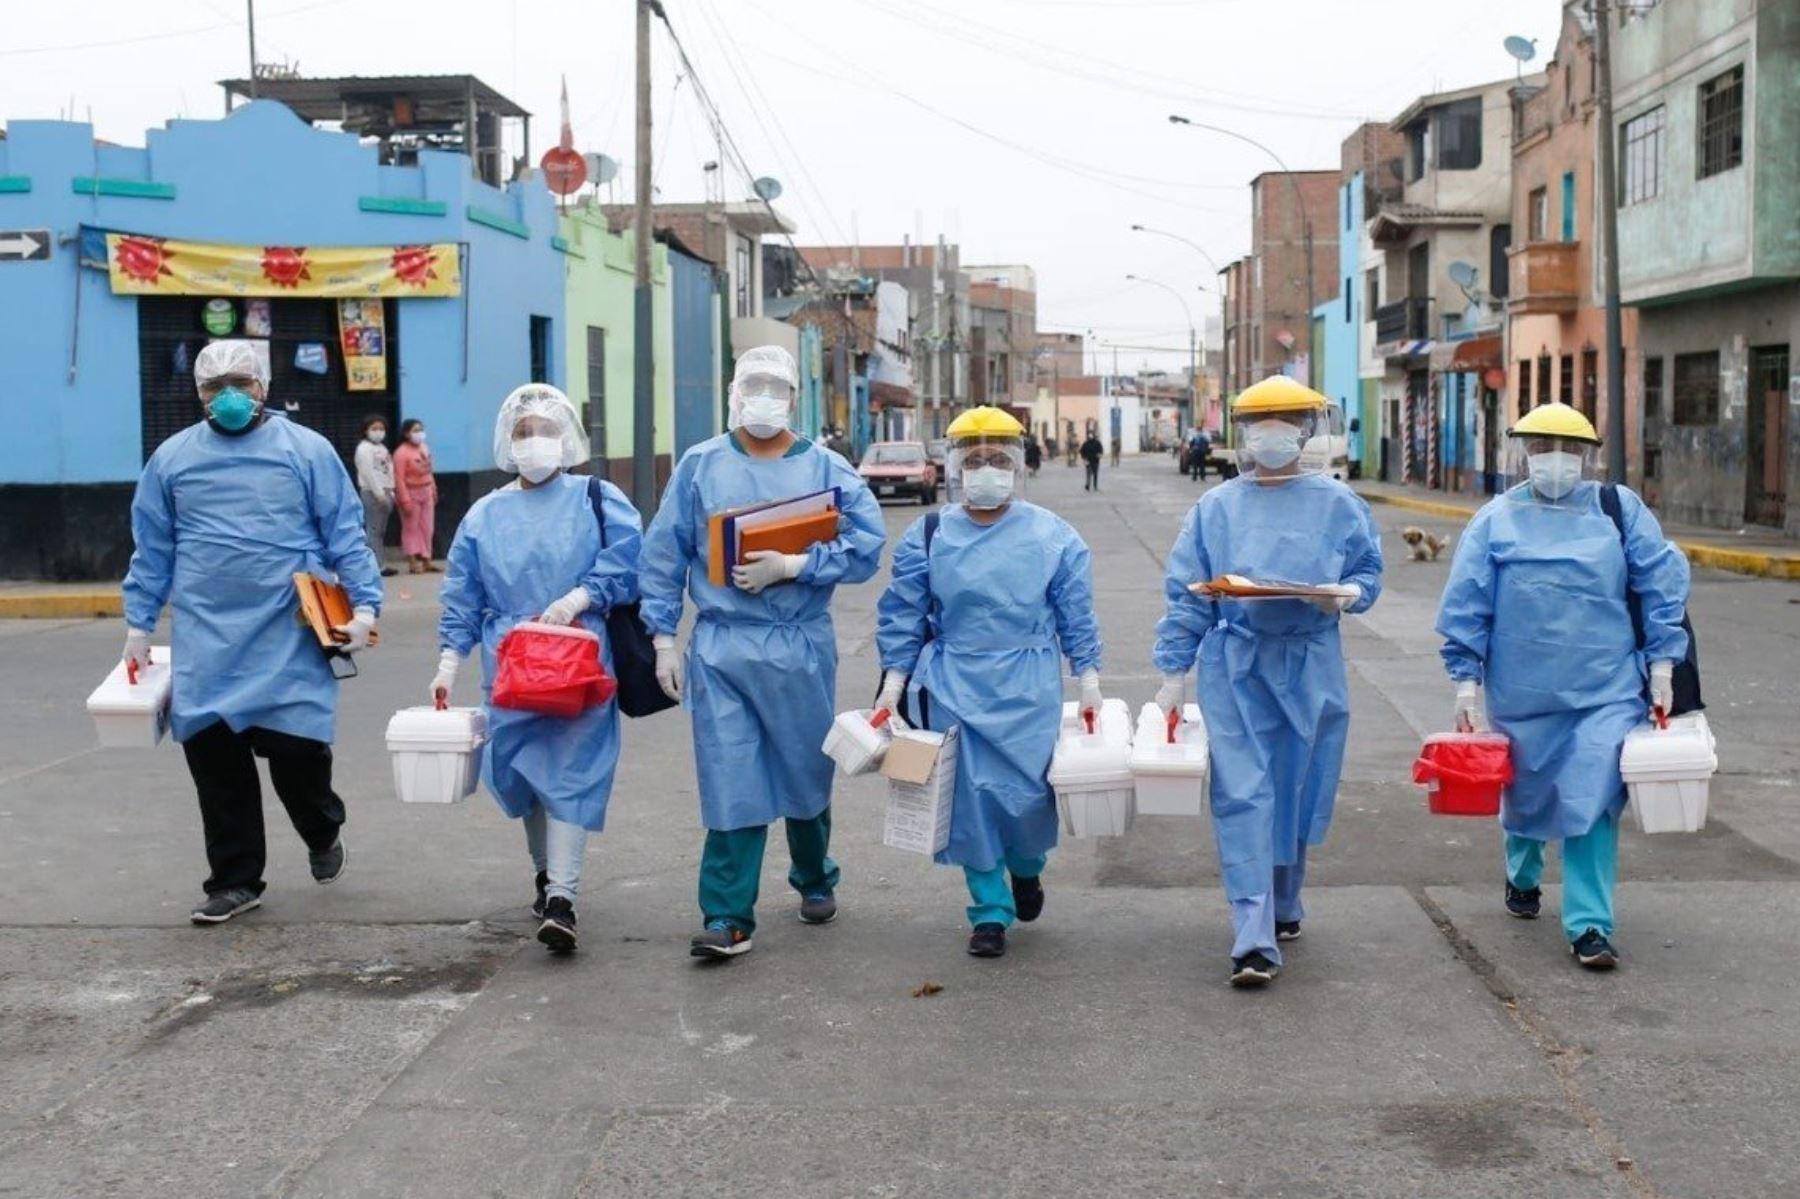 Ministro Víctor Zamora, Enviaremos los medicamentos a las casas para tratar de contener la demanda en hospitales. Para evitar eso, el Minsa está enviando a los equipos de respuesta rápida para que puedan atender a los pacientes casa por casa.  Foto: ANDINA/@Minsa_Peru